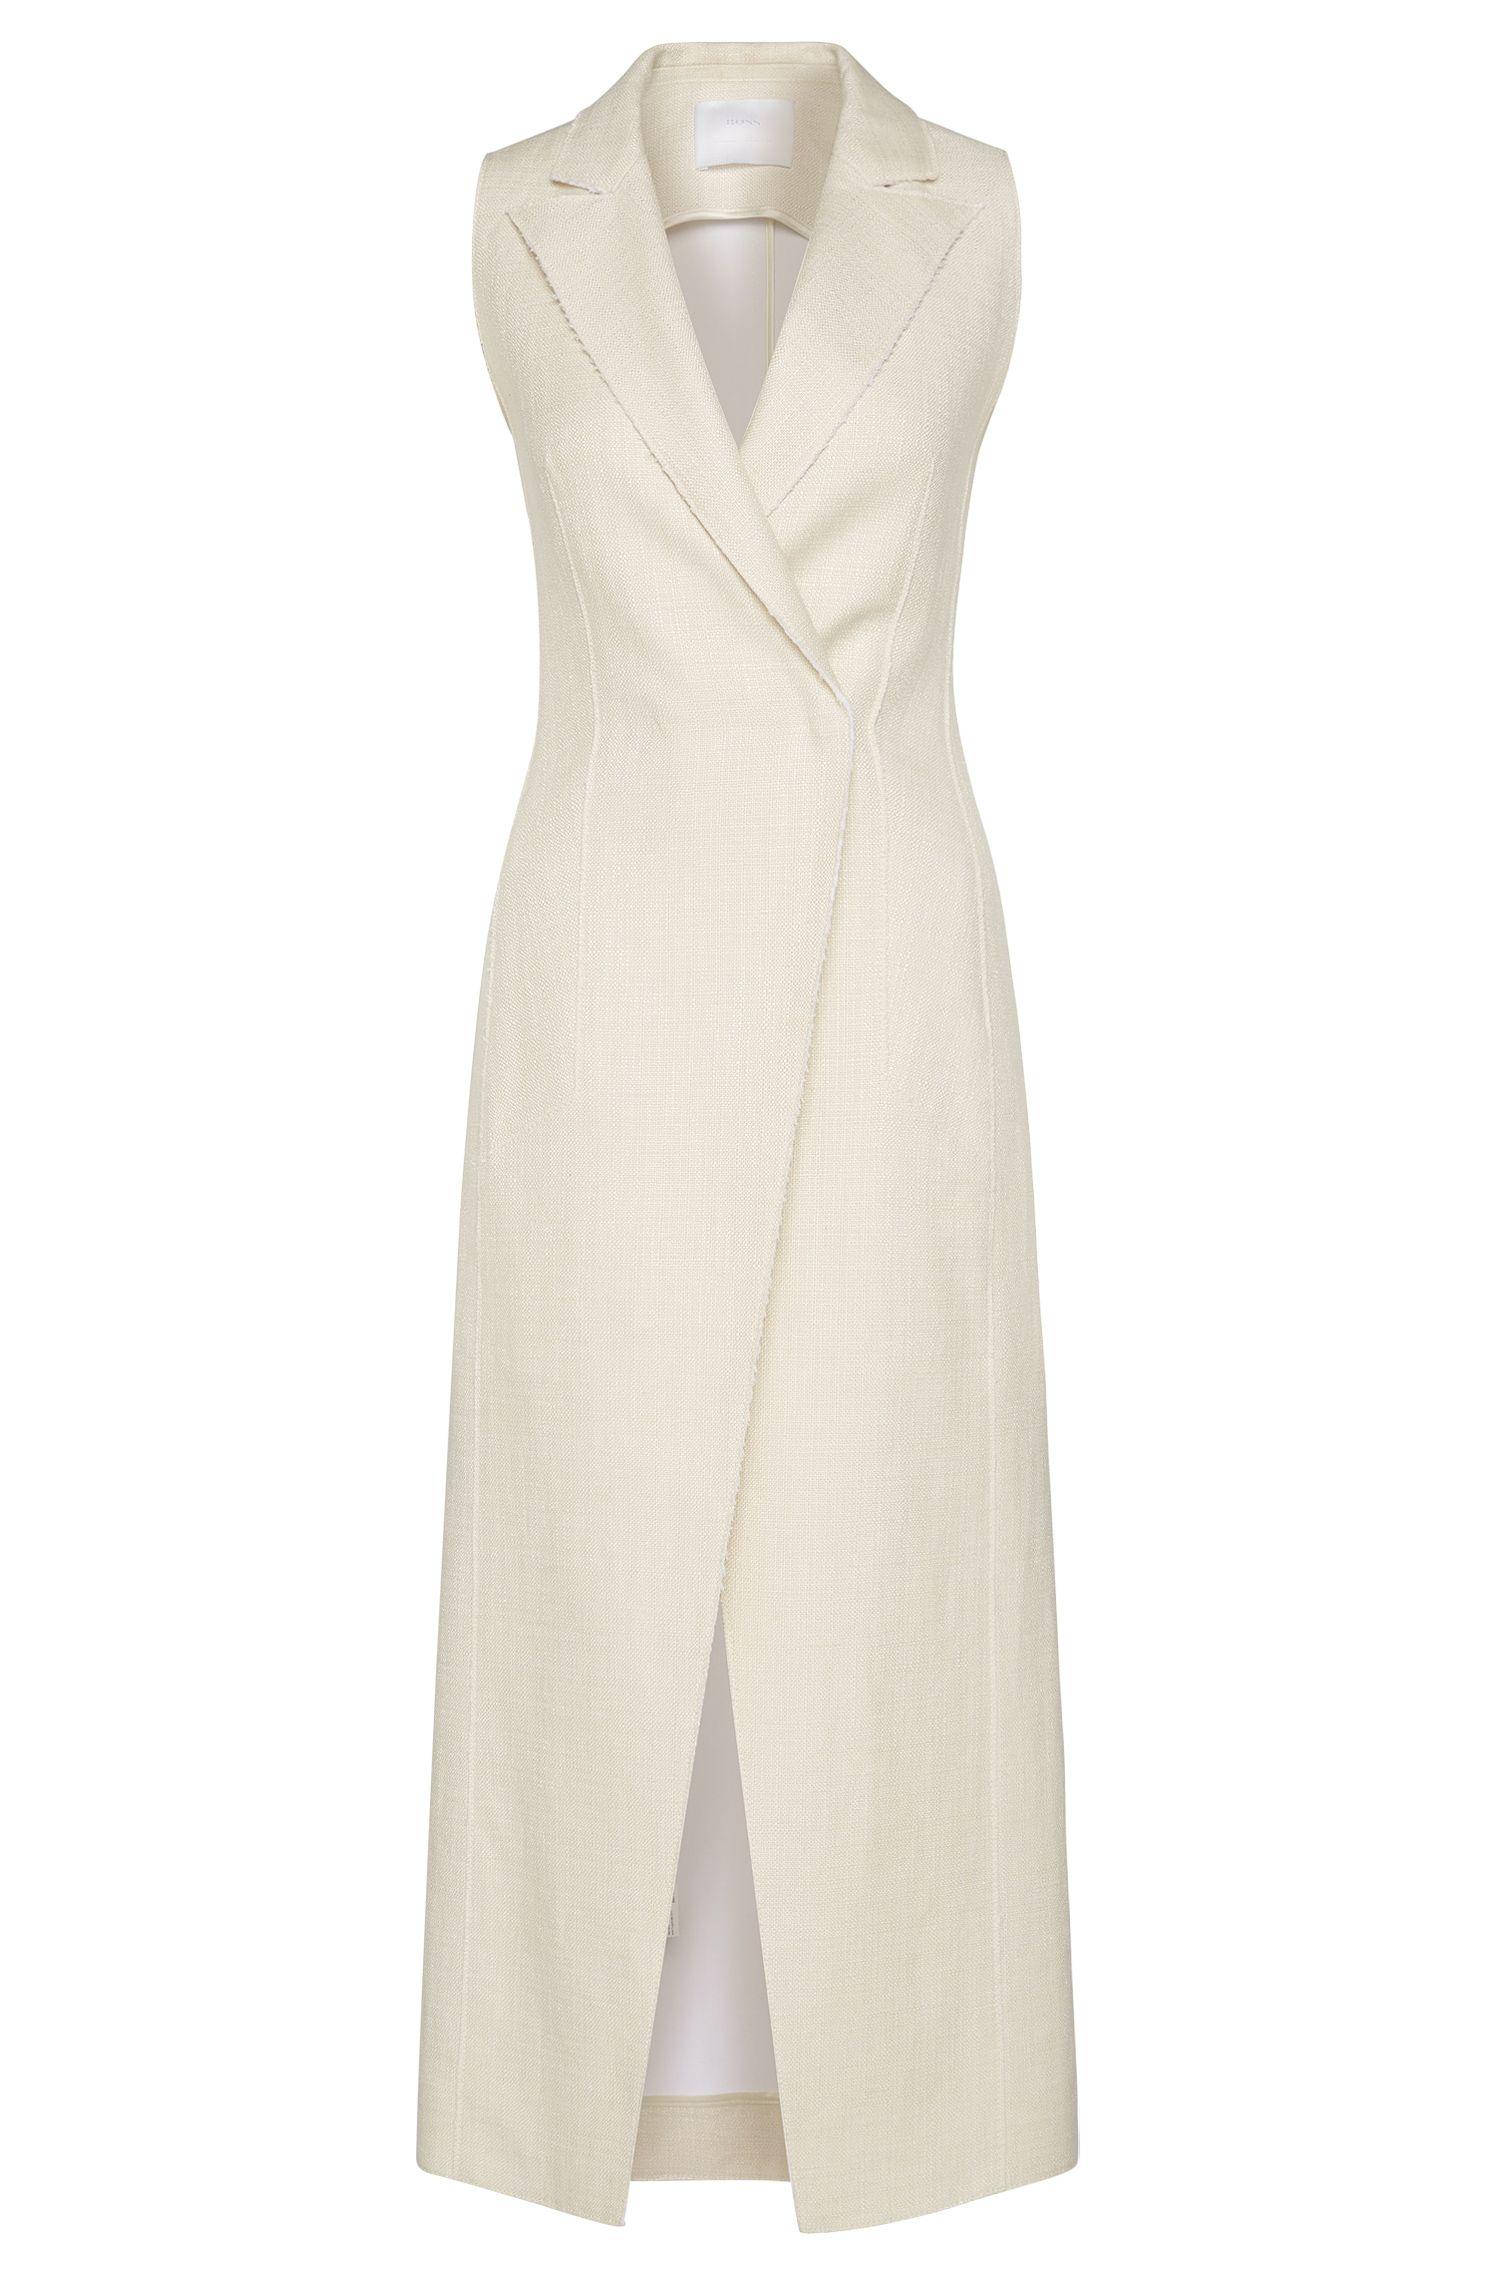 'FS_Dilinnen' | Linen Blend Vest